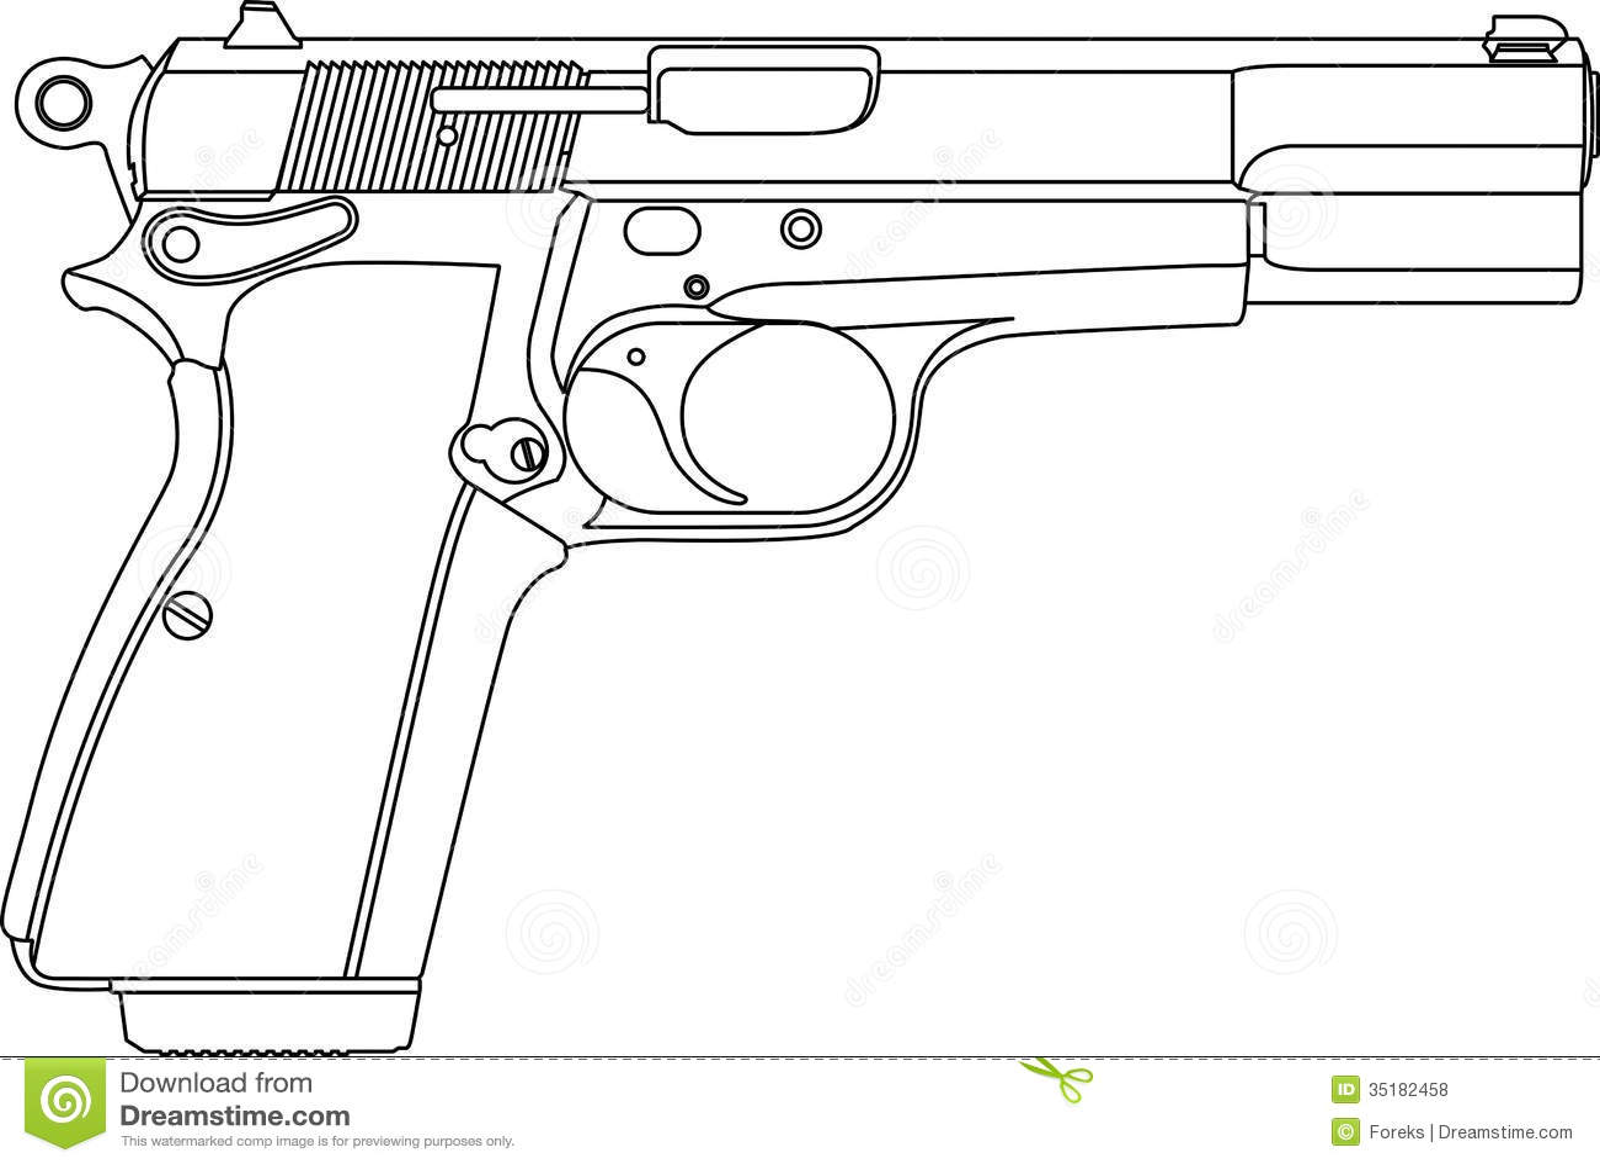 Wireframe Gun Pistol Stock Vector Illustration Of